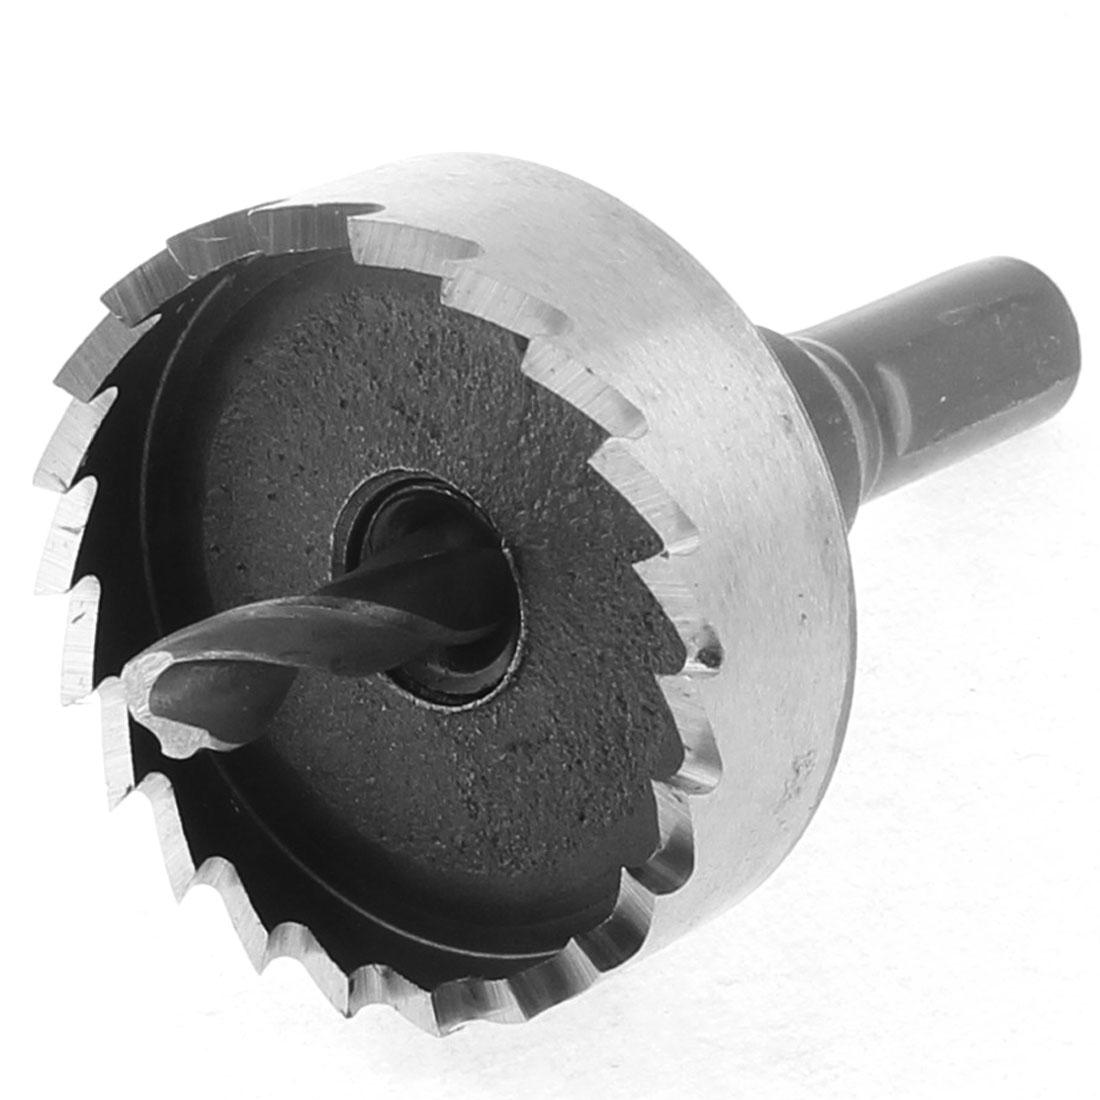 40mm Cutting Dia 10mm Triangle Shank Twist Drill Bit Iron Cutter Hole Saw